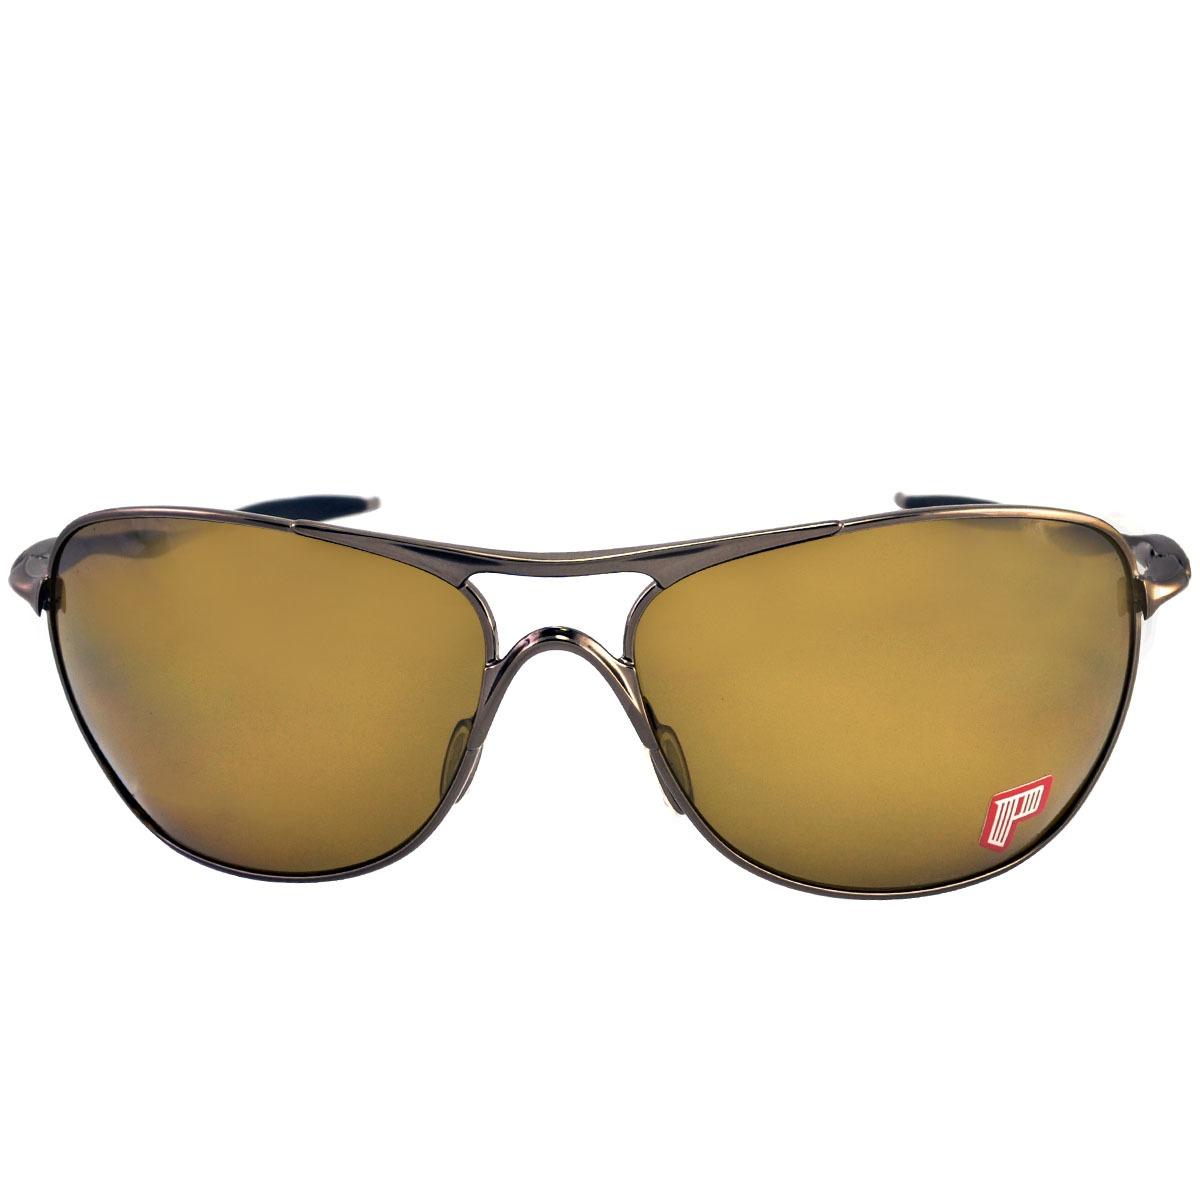 Óculos Oakley Crosshair - R  529,90 em Mercado Livre 9092cf9533